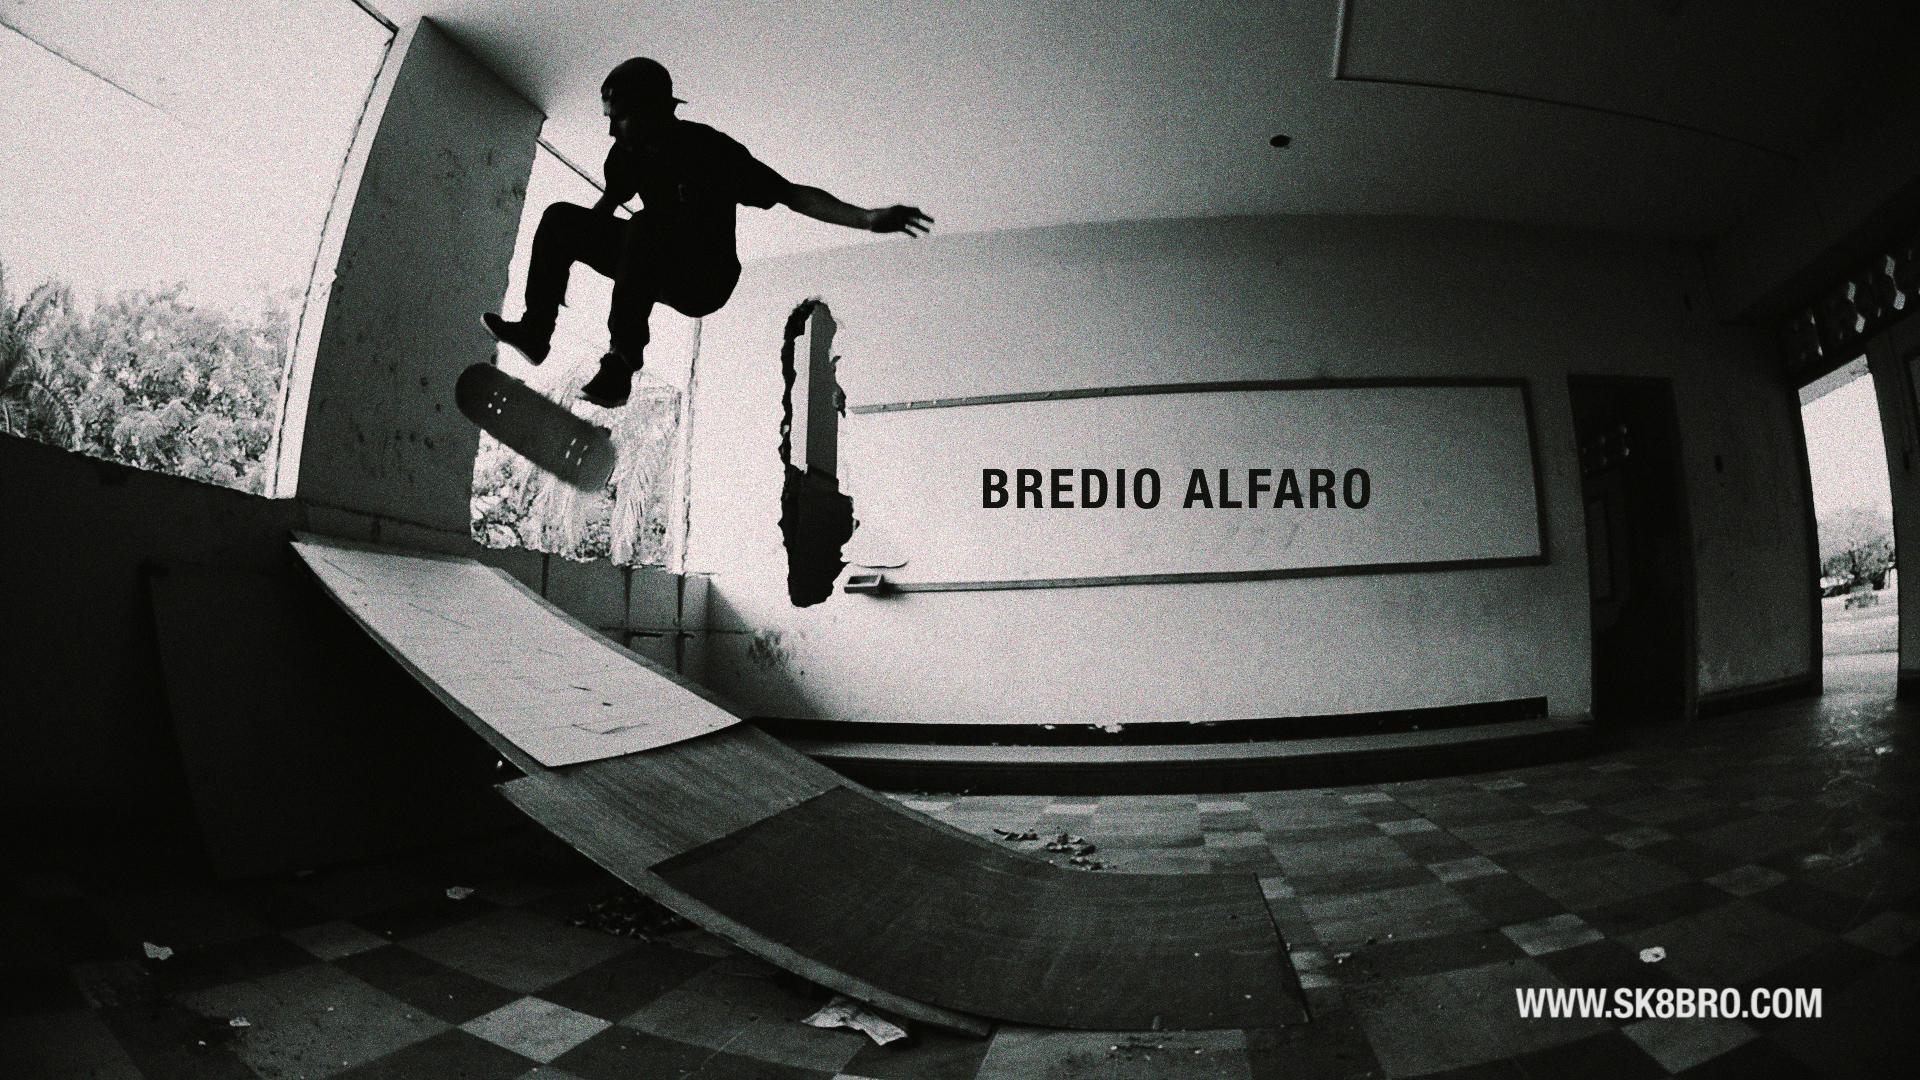 Bredio Alfaro - 3 en el Javier